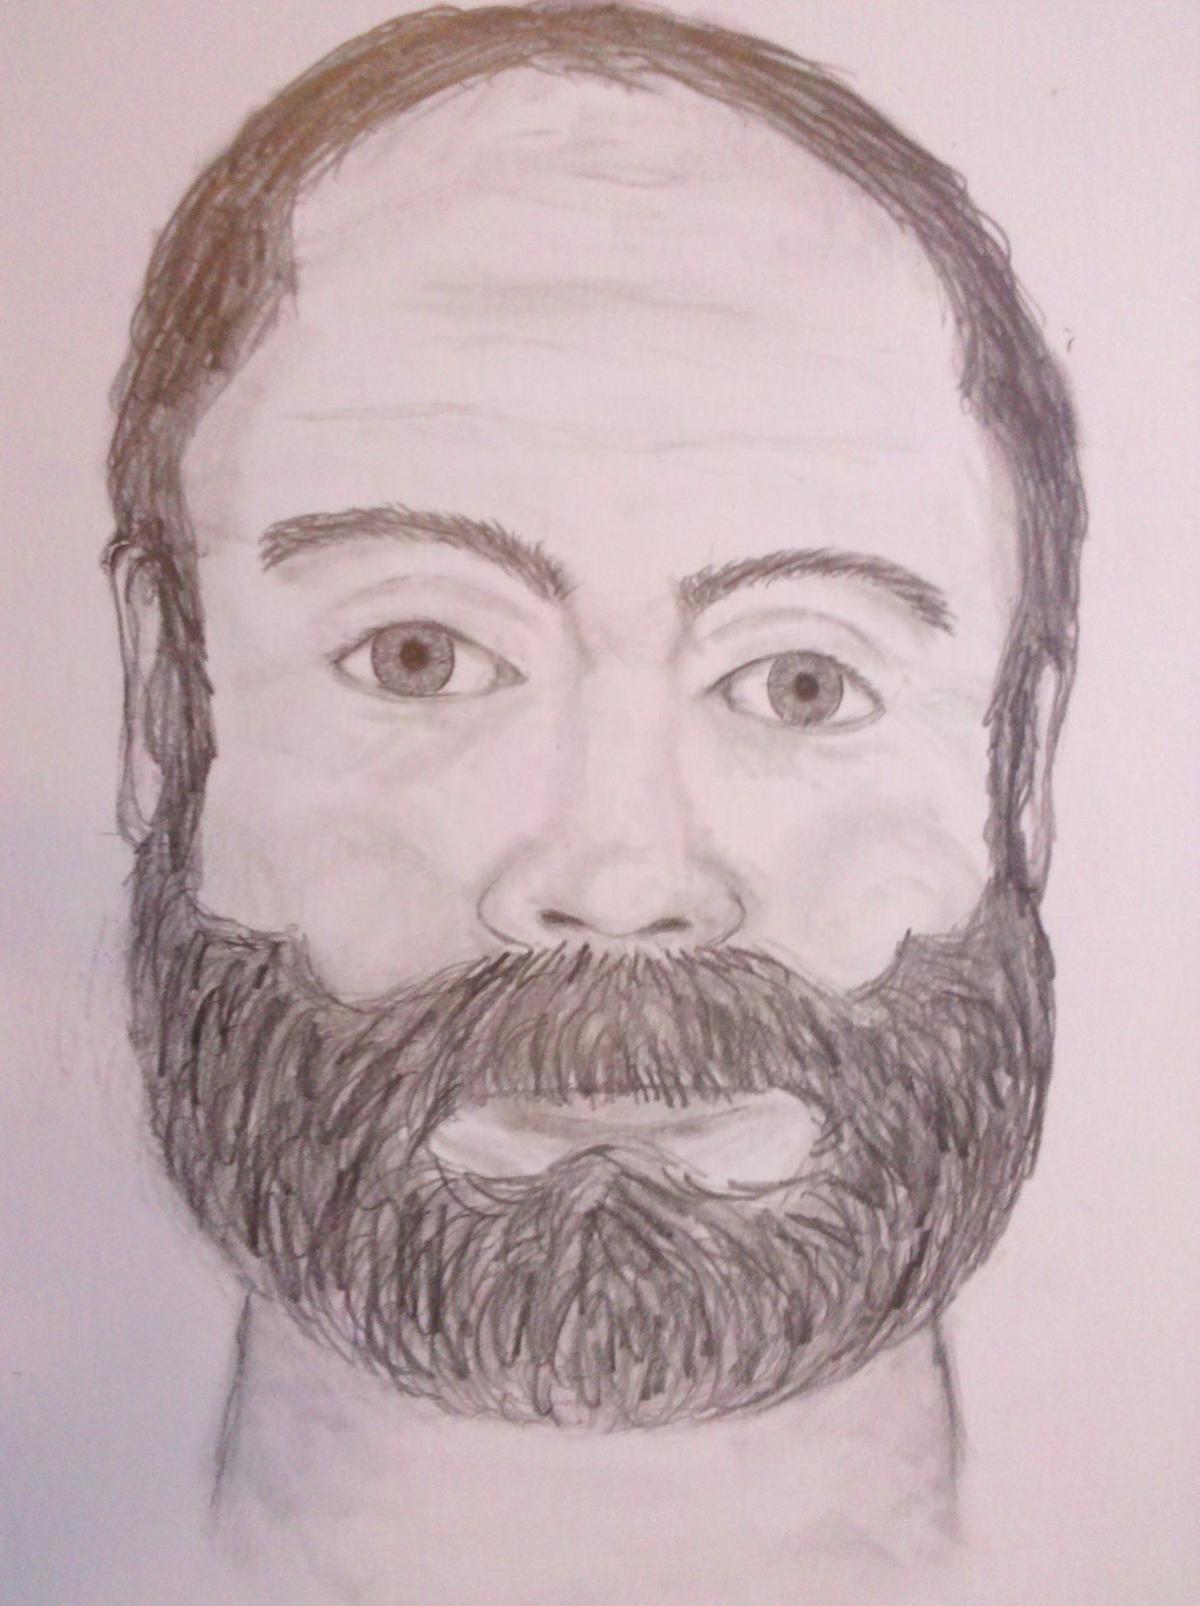 Coroner's office seeks help identifying body